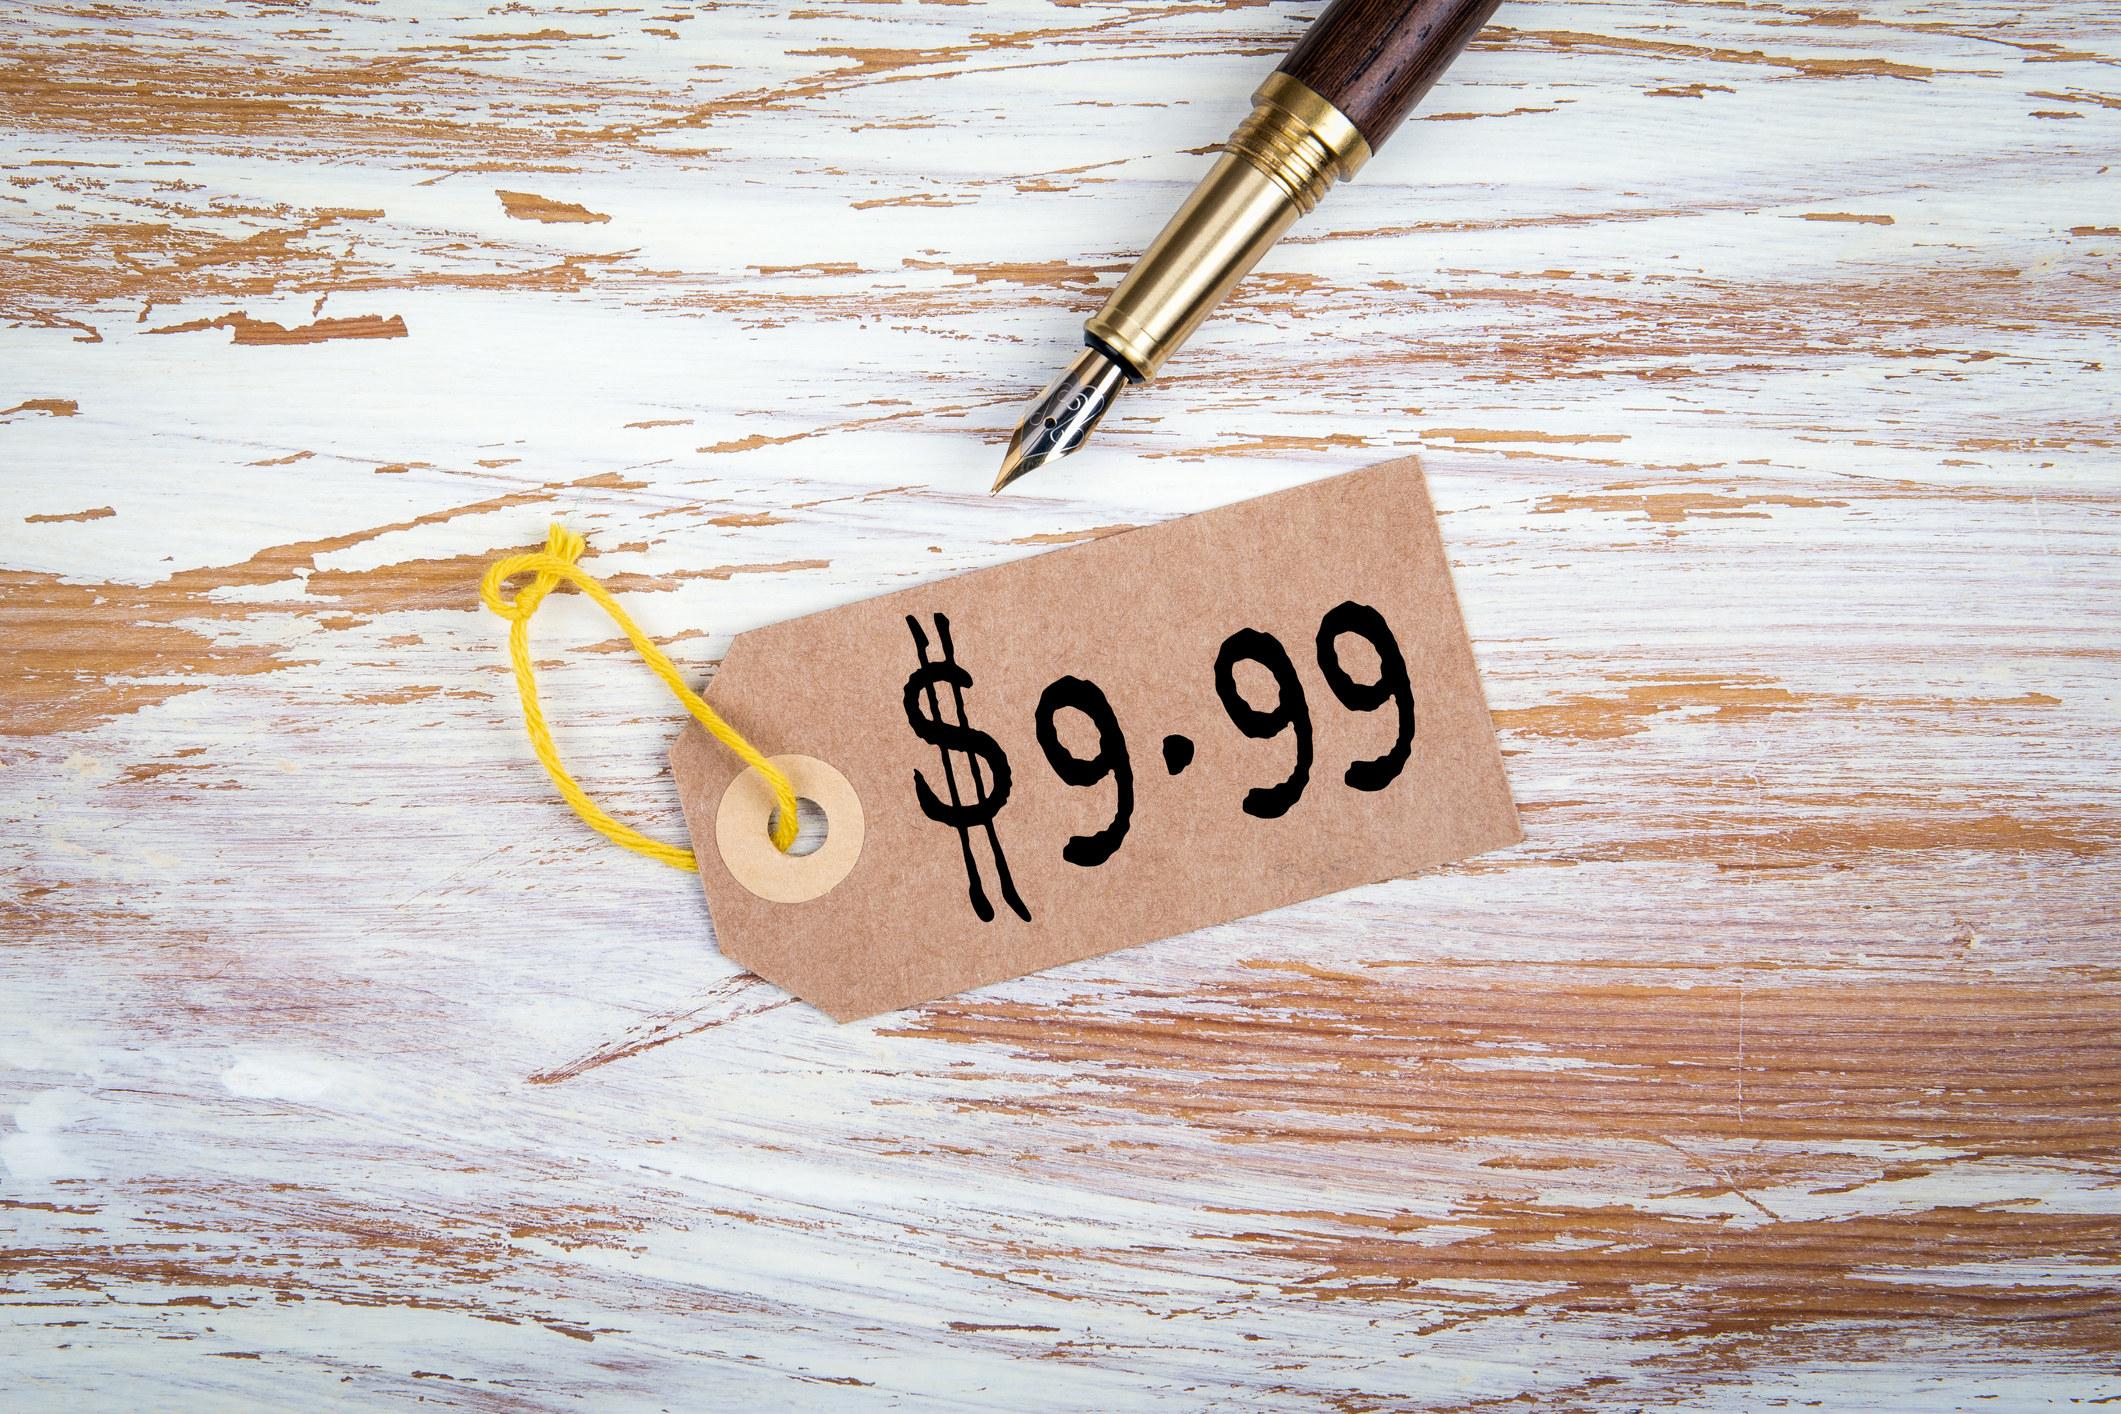 $9.99 price tag